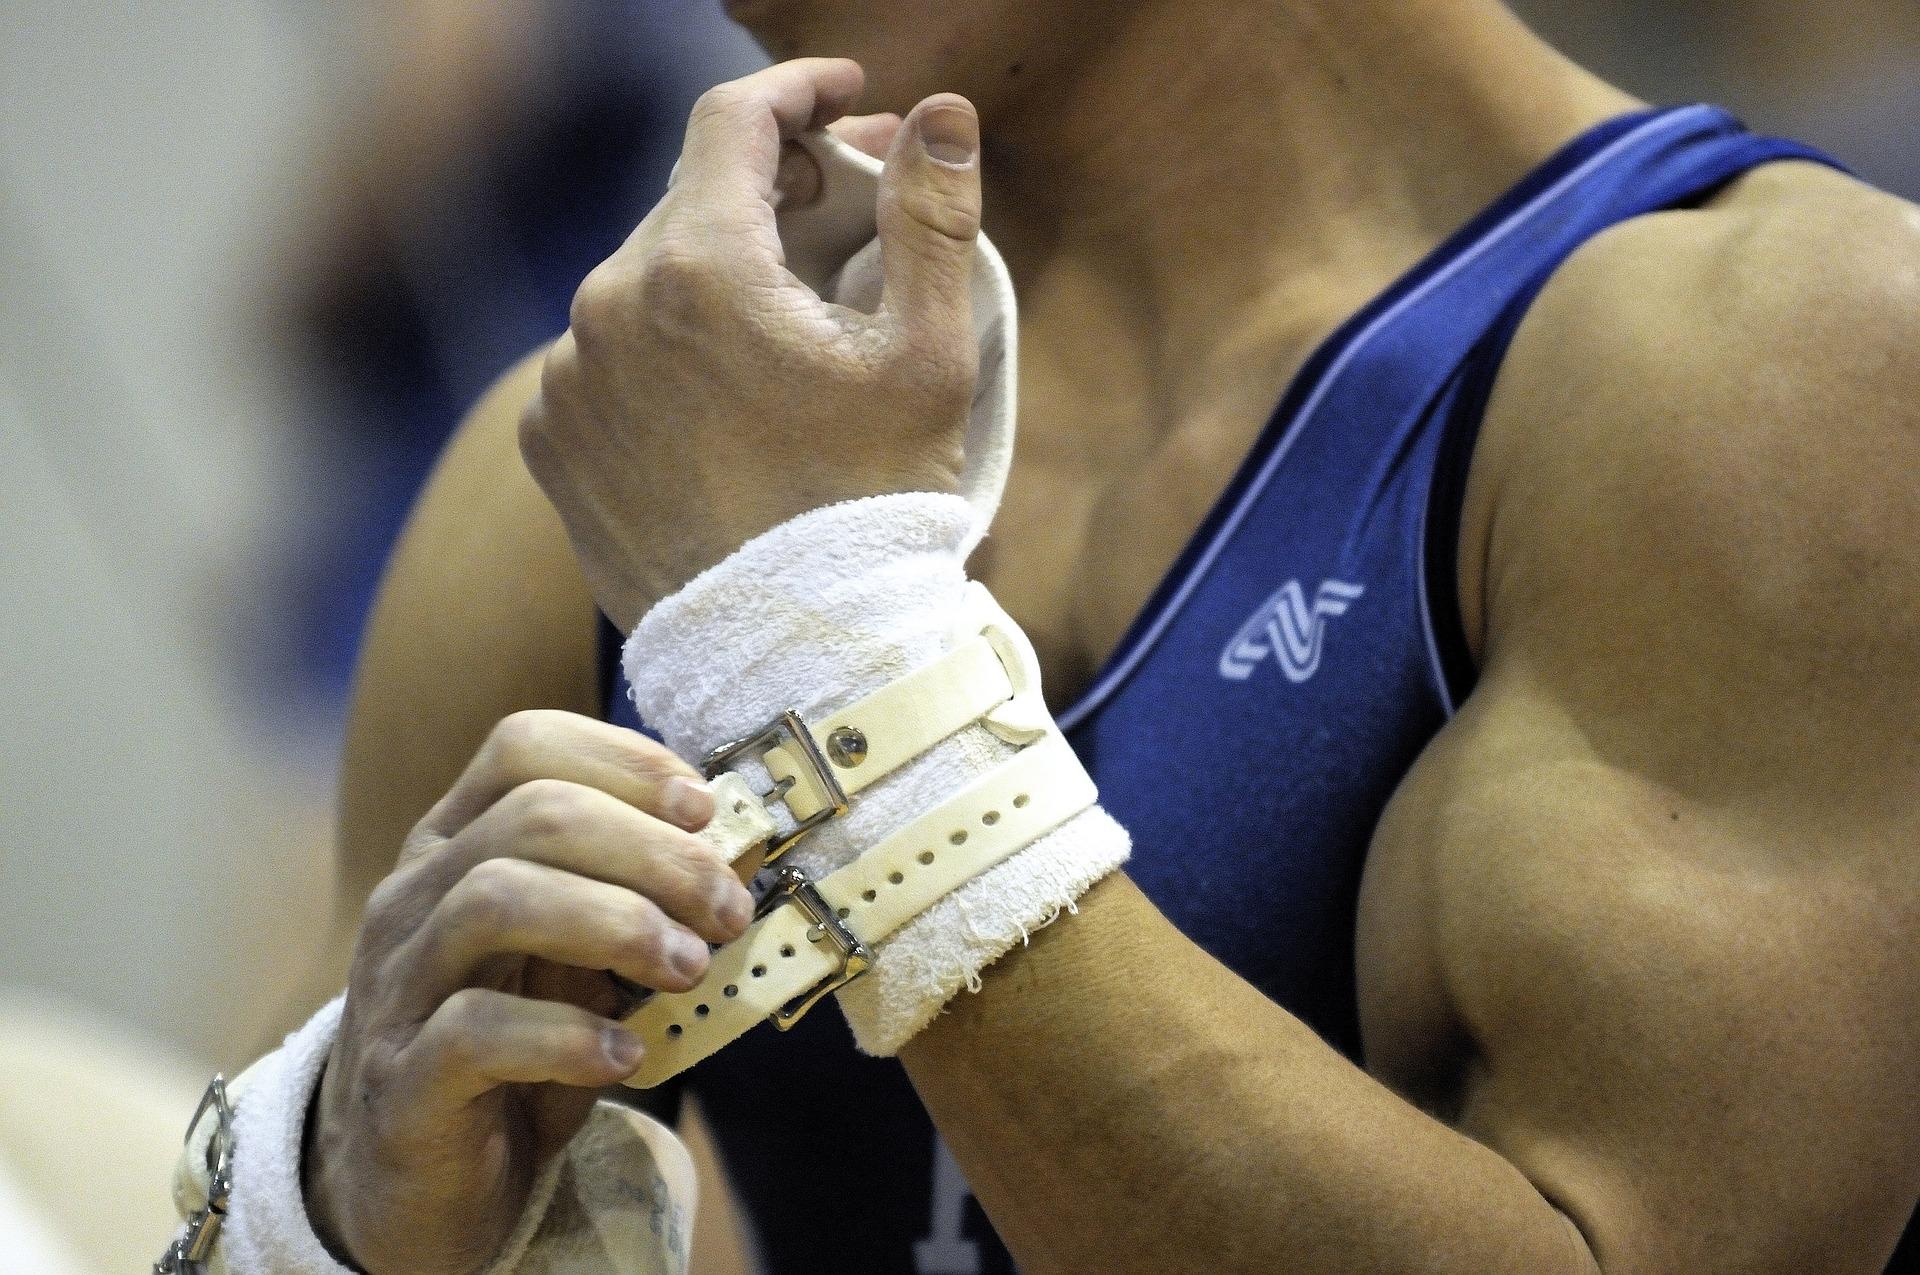 mesomorph_gymnastmuscle